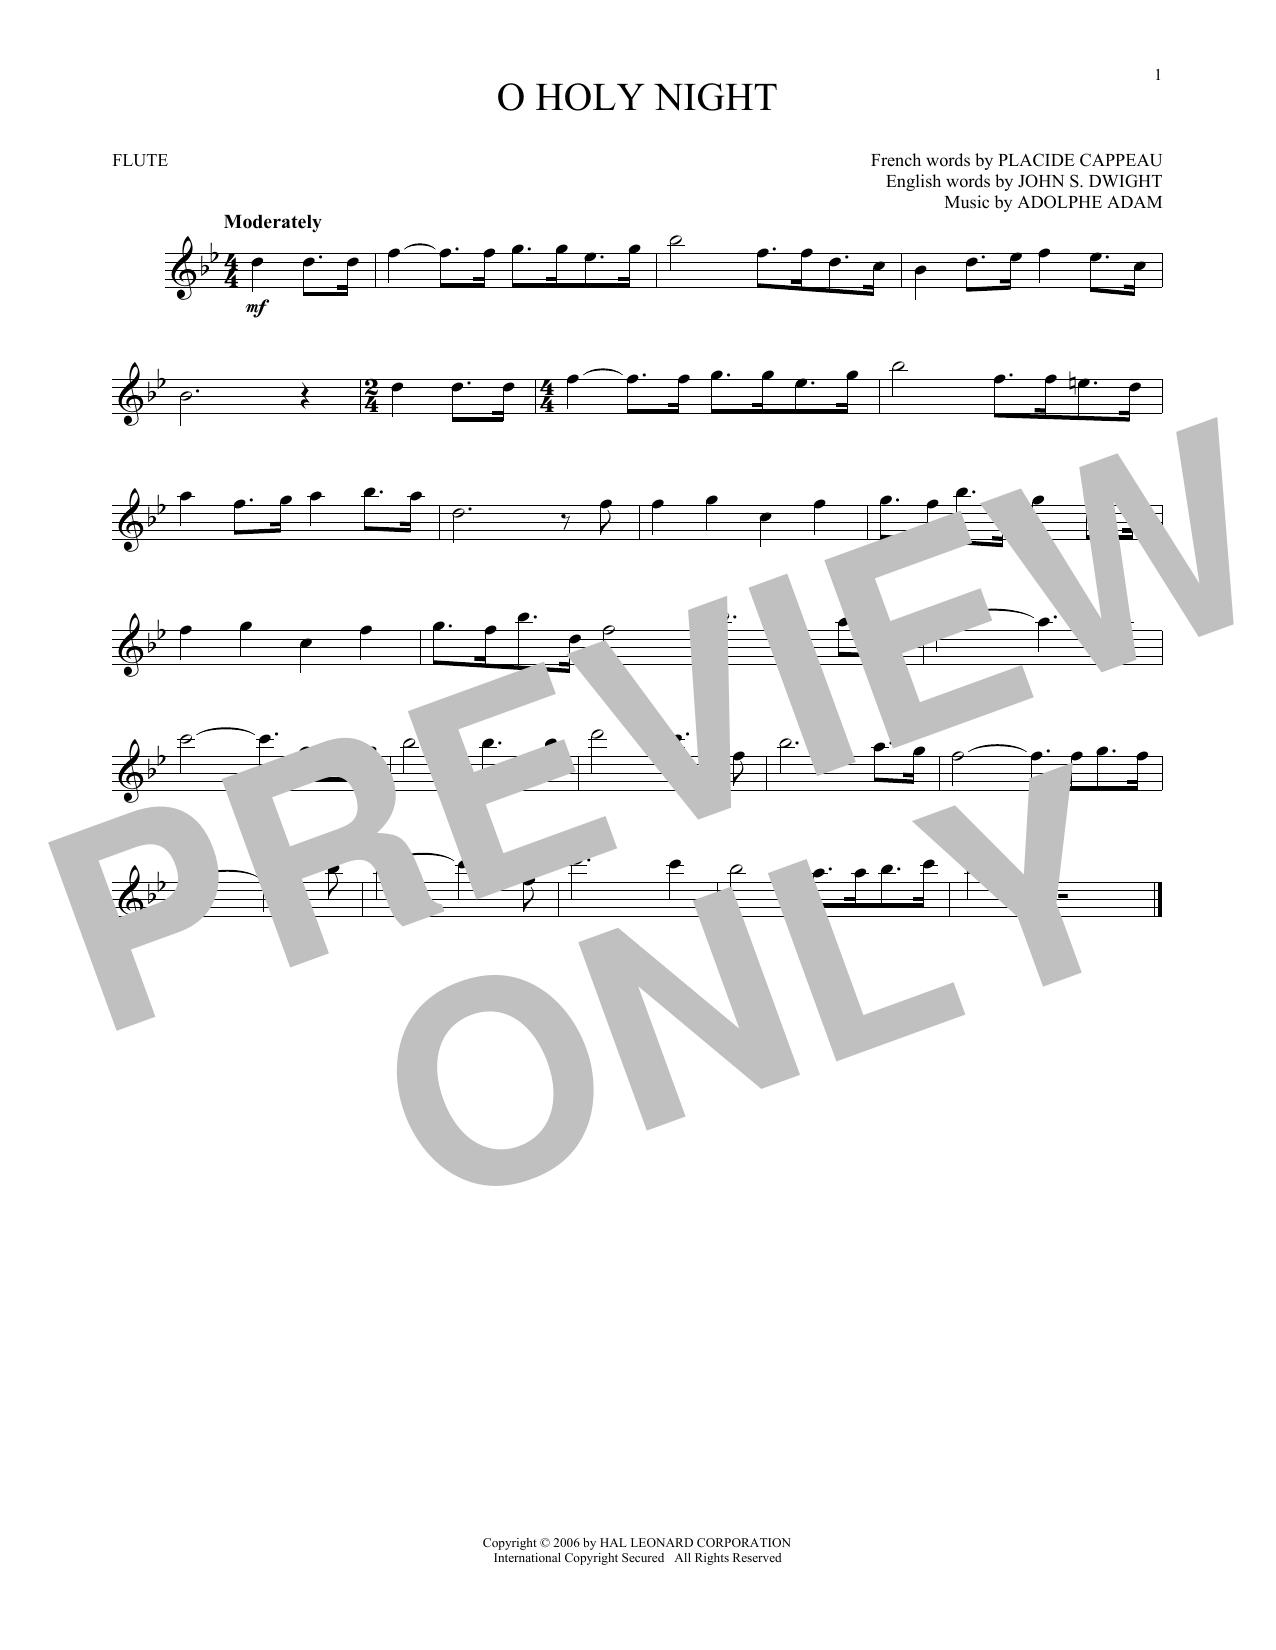 Partition flûte O Holy Night de Adolphe Adam - Flute traversiere